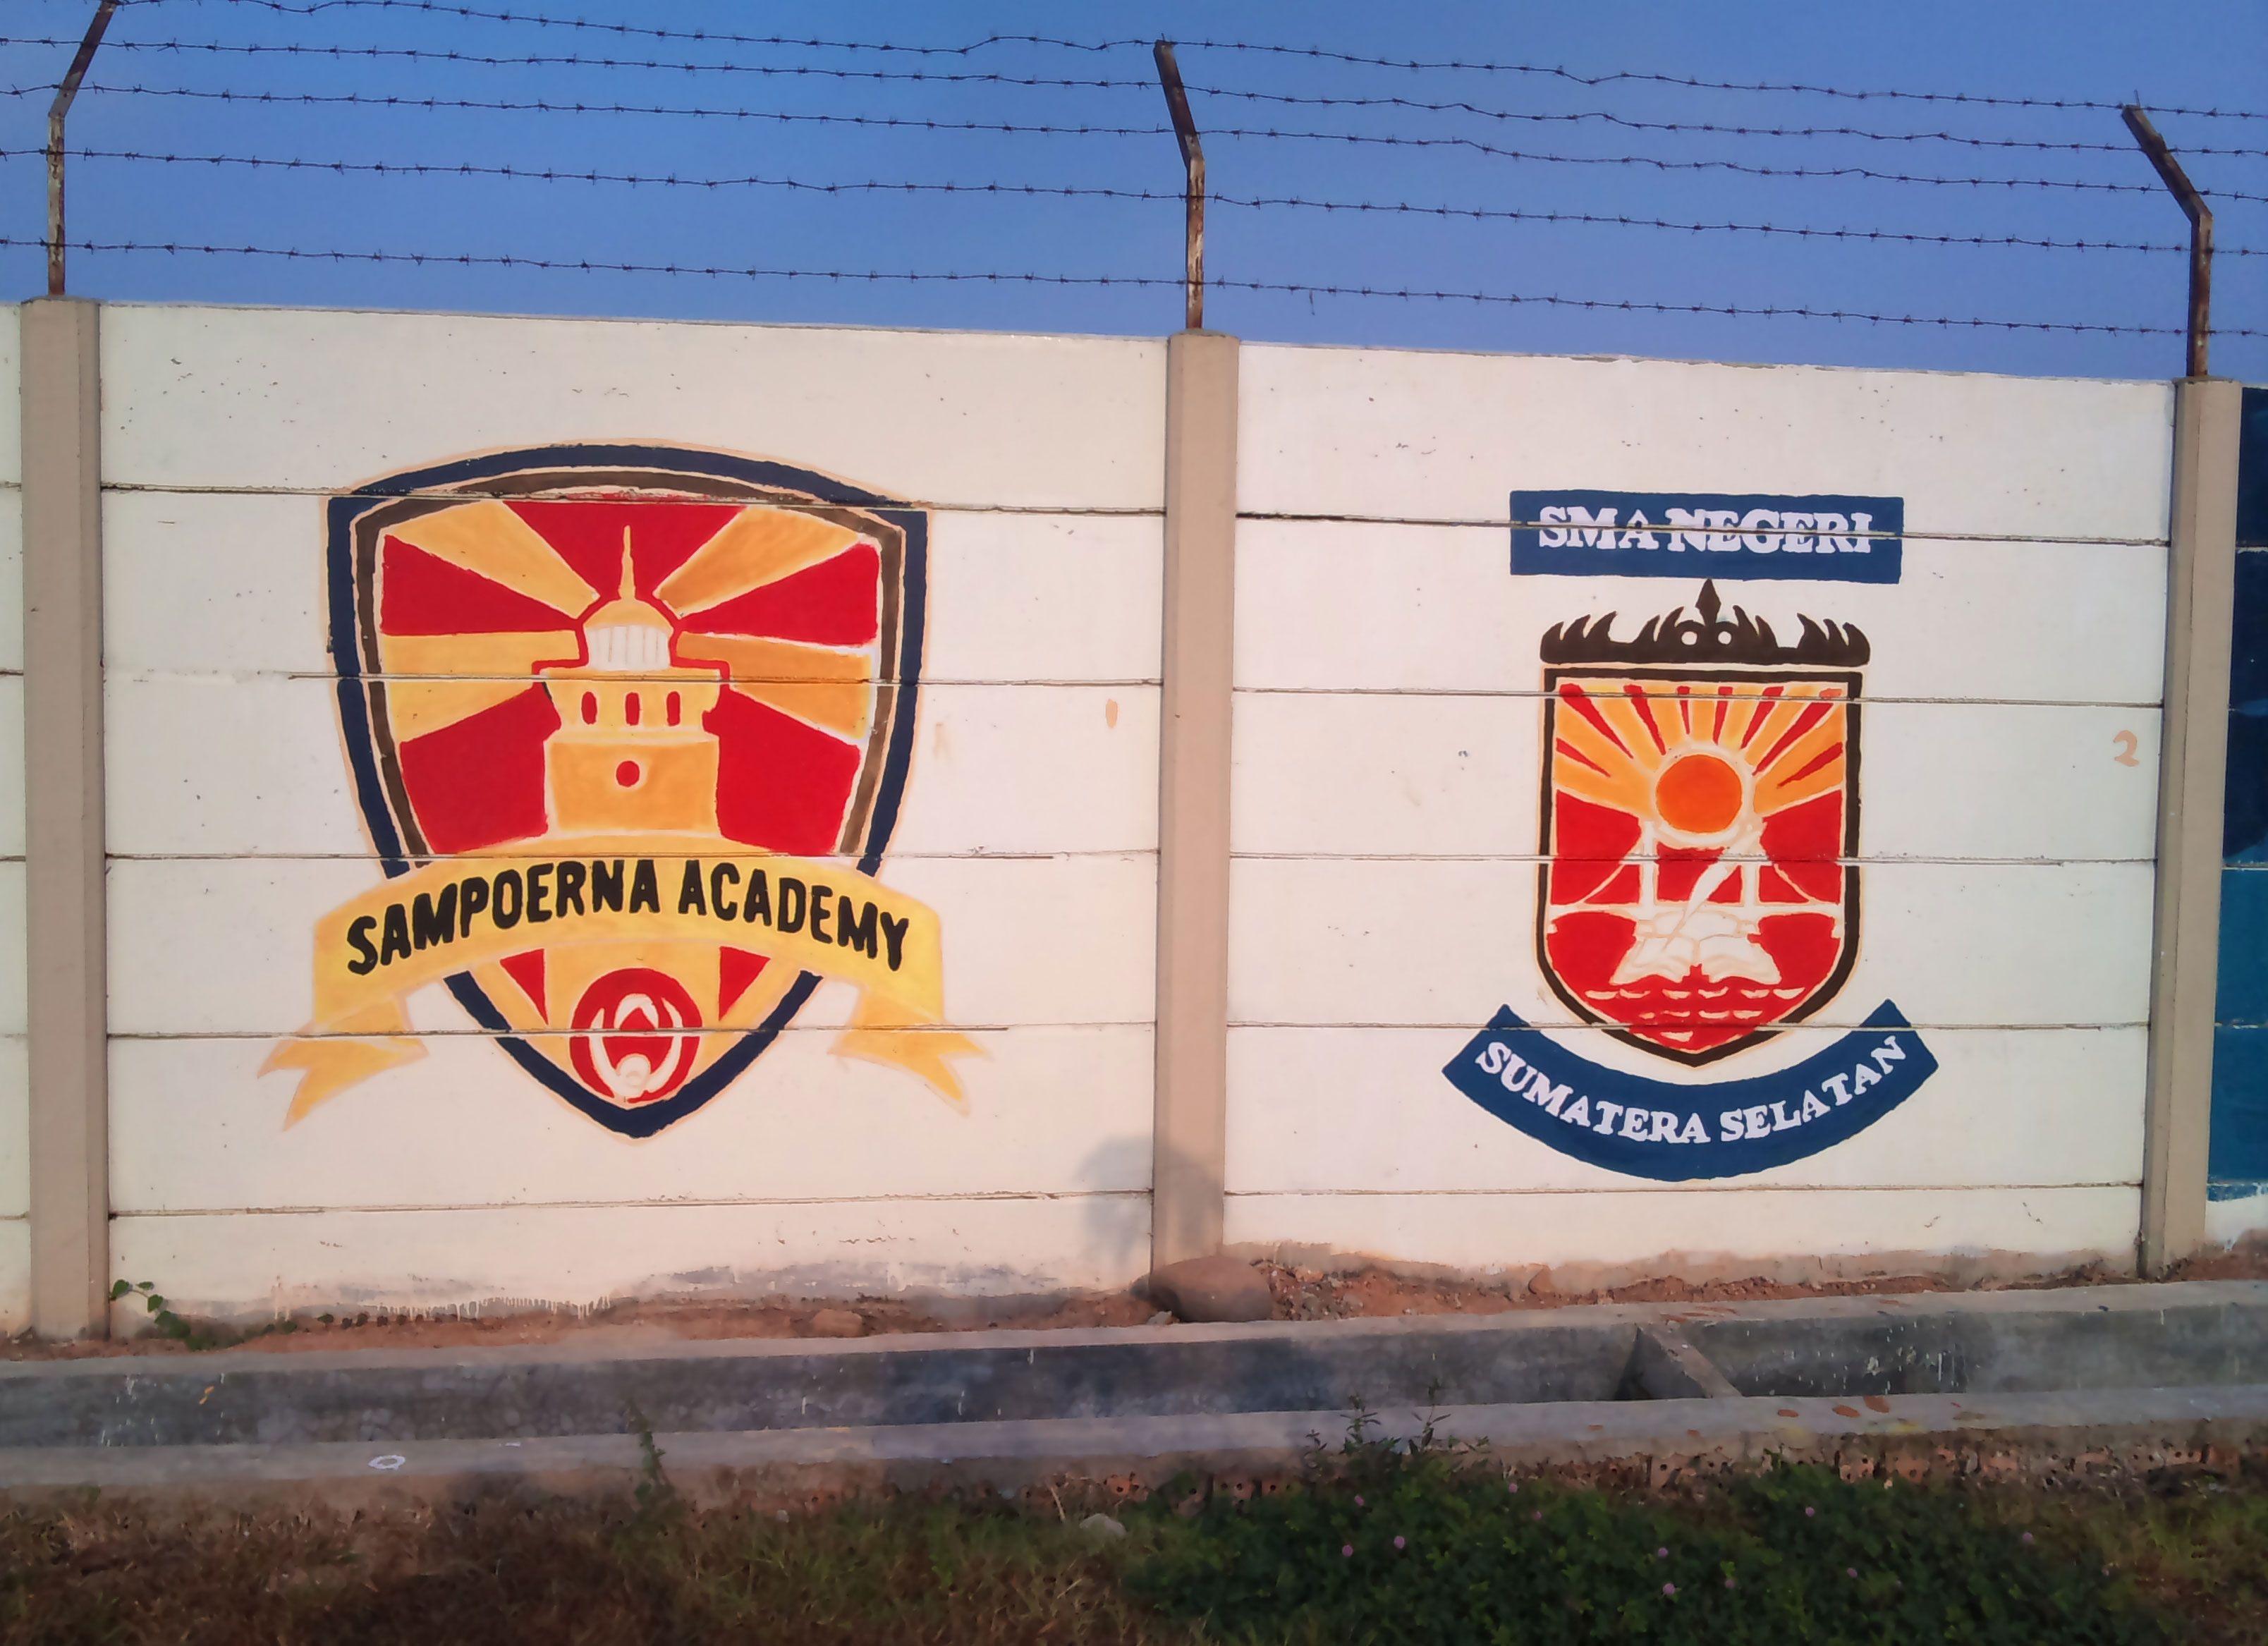 Logo Pemerintah Provinsi Sumatera Selatan Sman Sumatera Selatan  # Muebles Jueventud